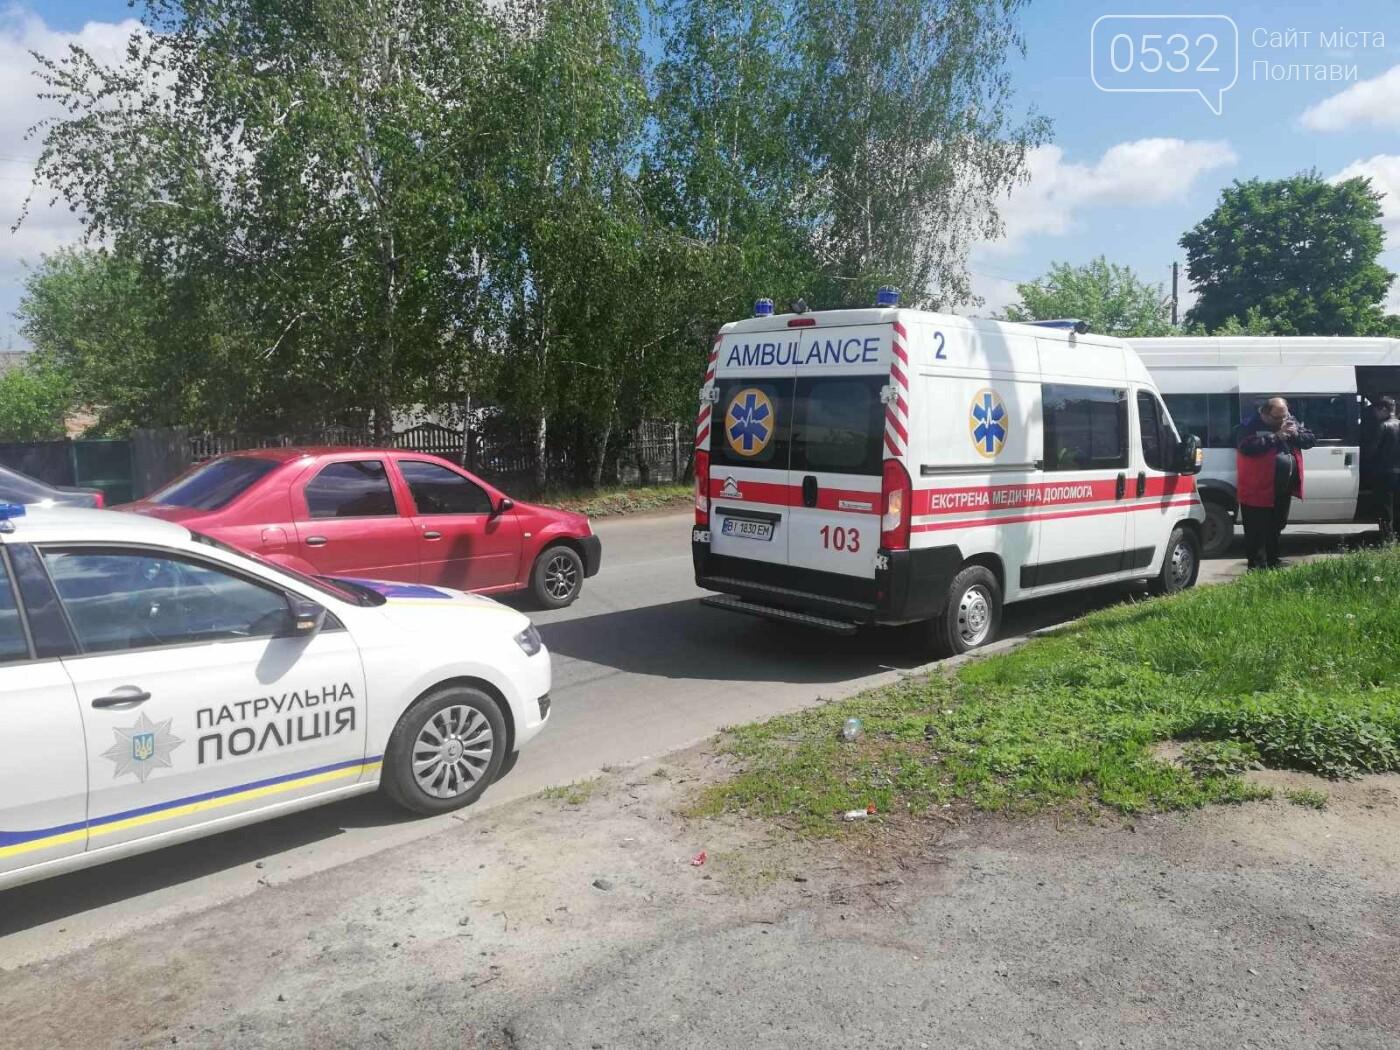 У Полтаві в мікроавтобусі помер молодий чоловік, фото-2